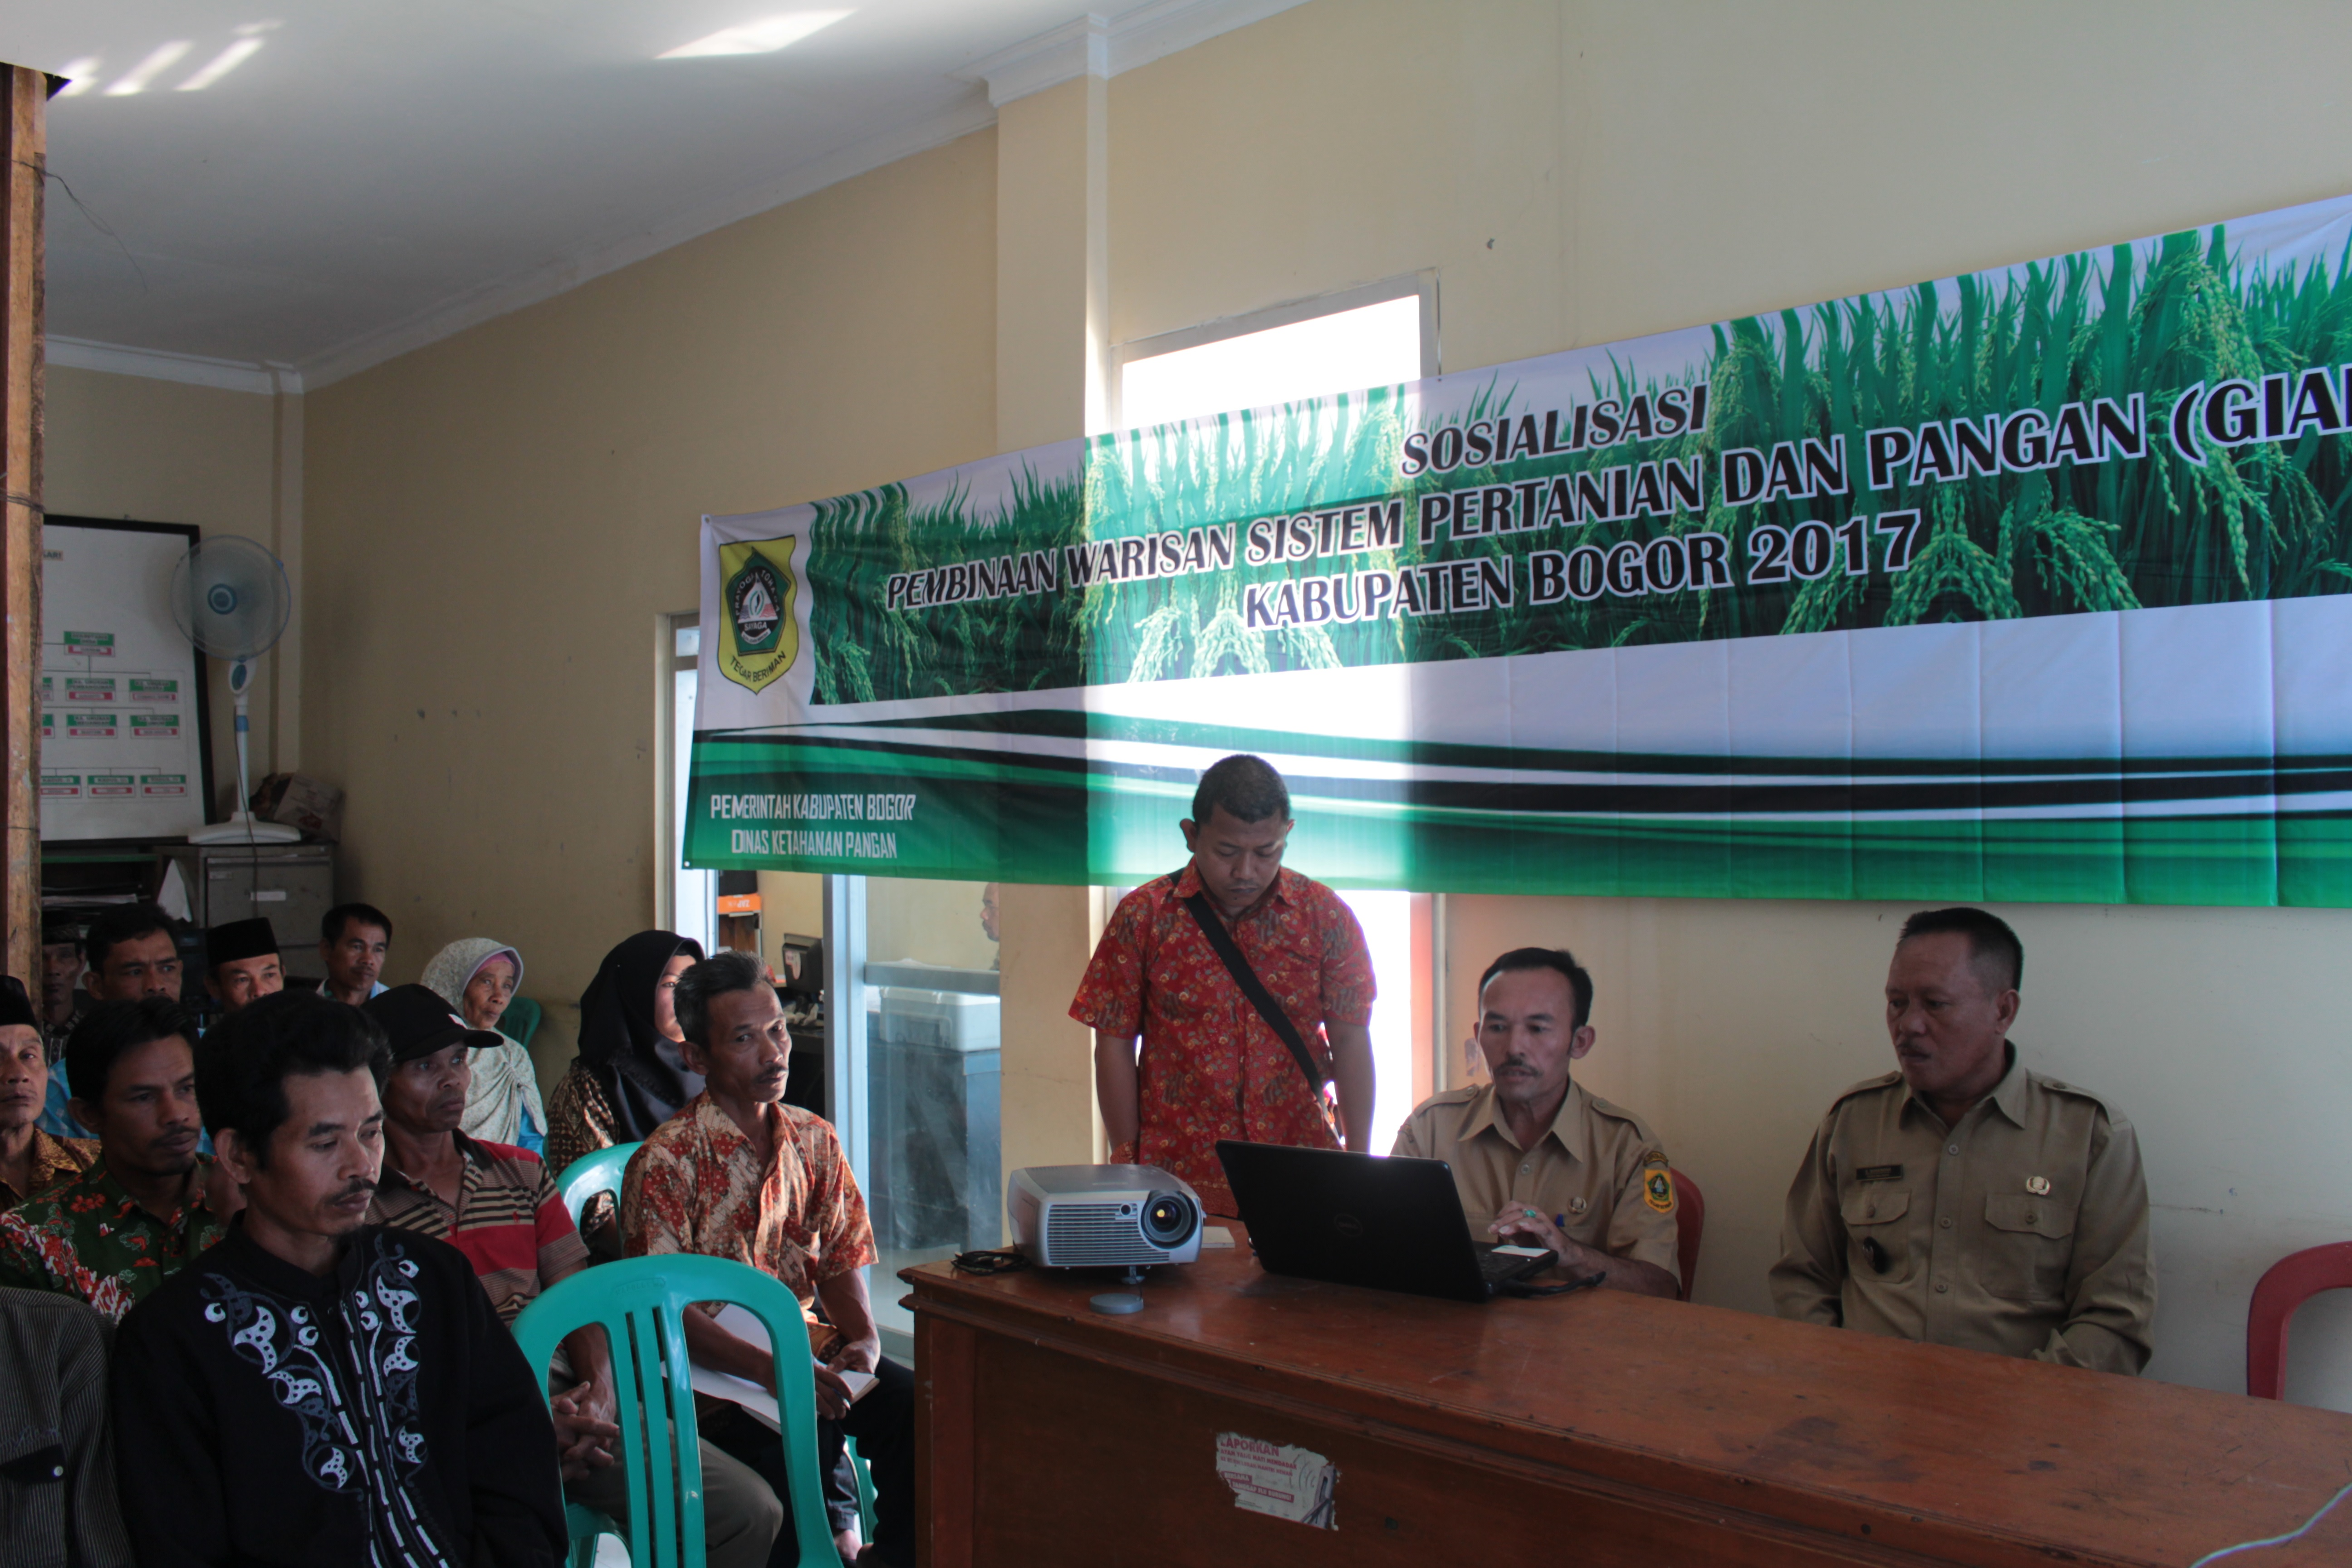 Persiapan Sosialisasi Pembinaan Warisan Sistem Pertanian dan Pangan (GIAHS/NIAHS) yang dilaksanakan di Desa Malasari